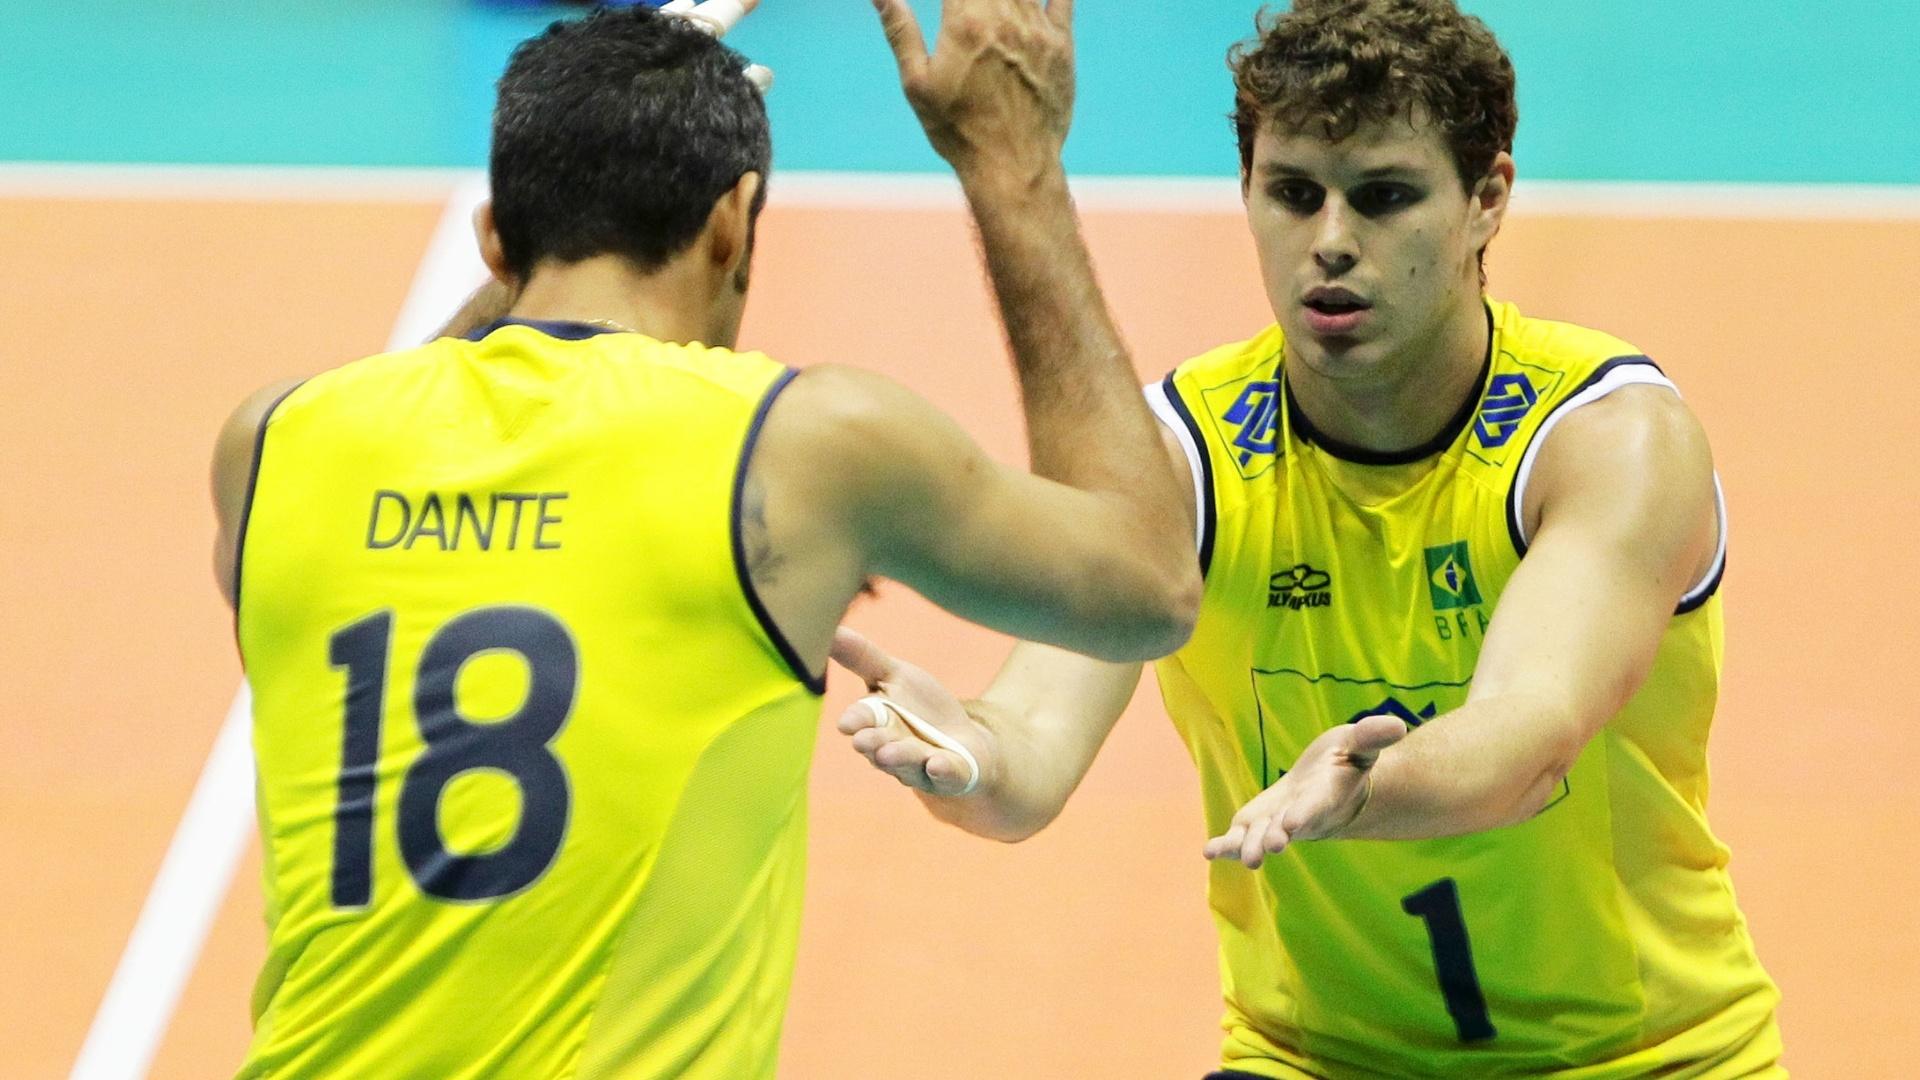 Dante e Bruninho se cumprimentam antes do início da partida